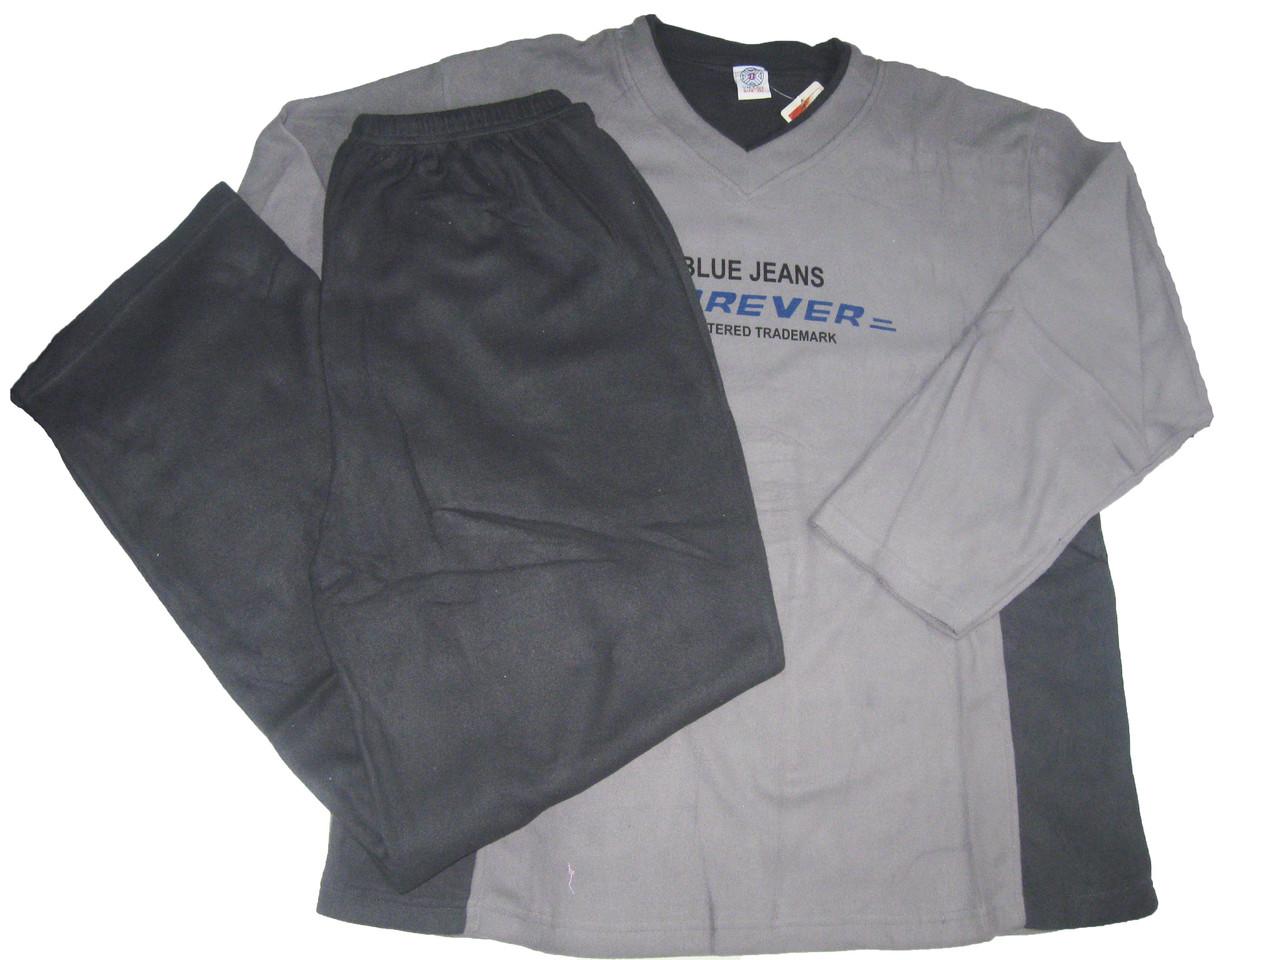 Пижама мужская флисовая, размер 2XL, арт. 1/917